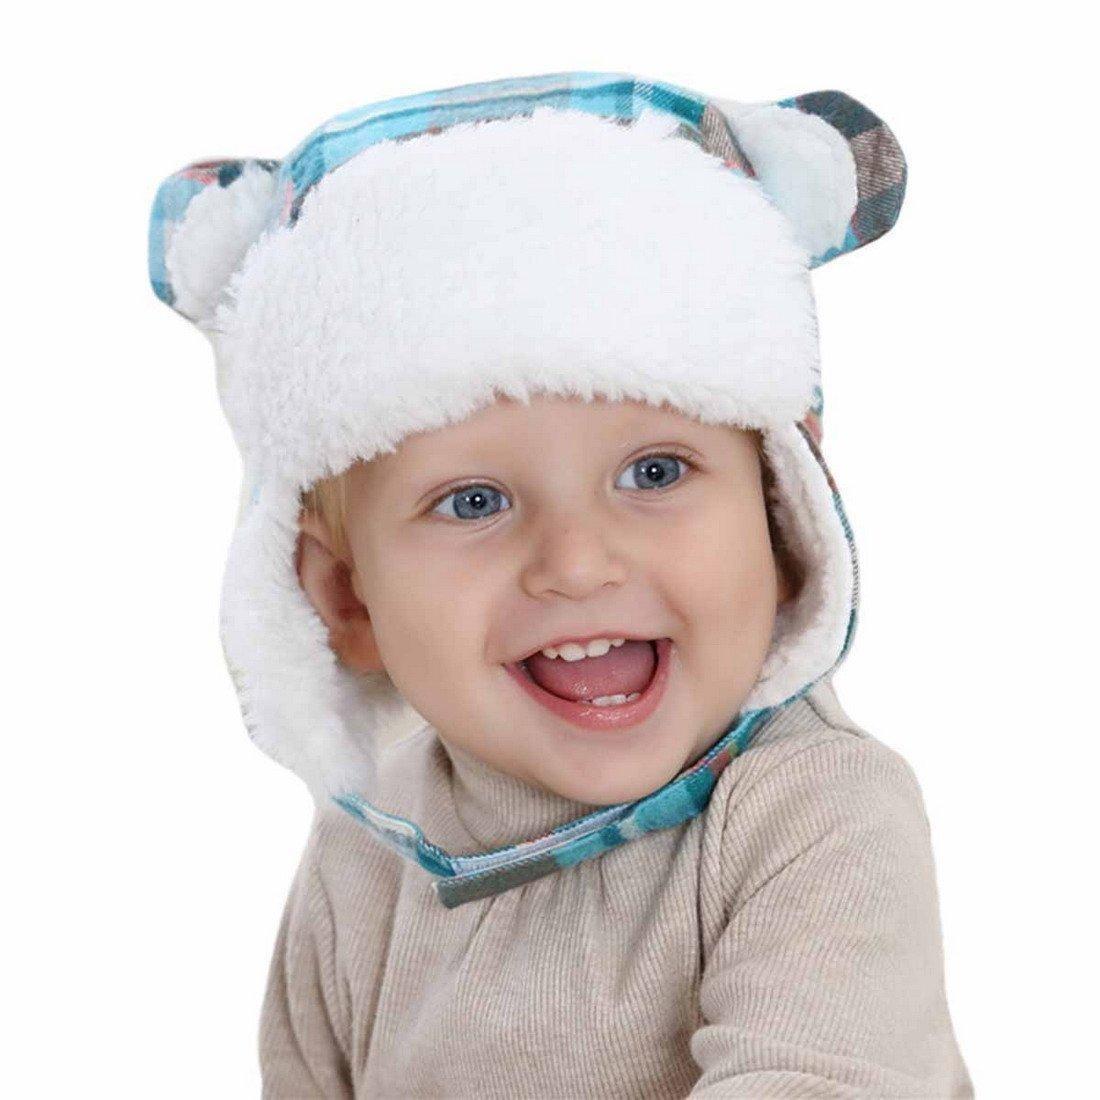 بالصور صور اطفال اولاد , اجمل صور للاولاد 2019 2912 11